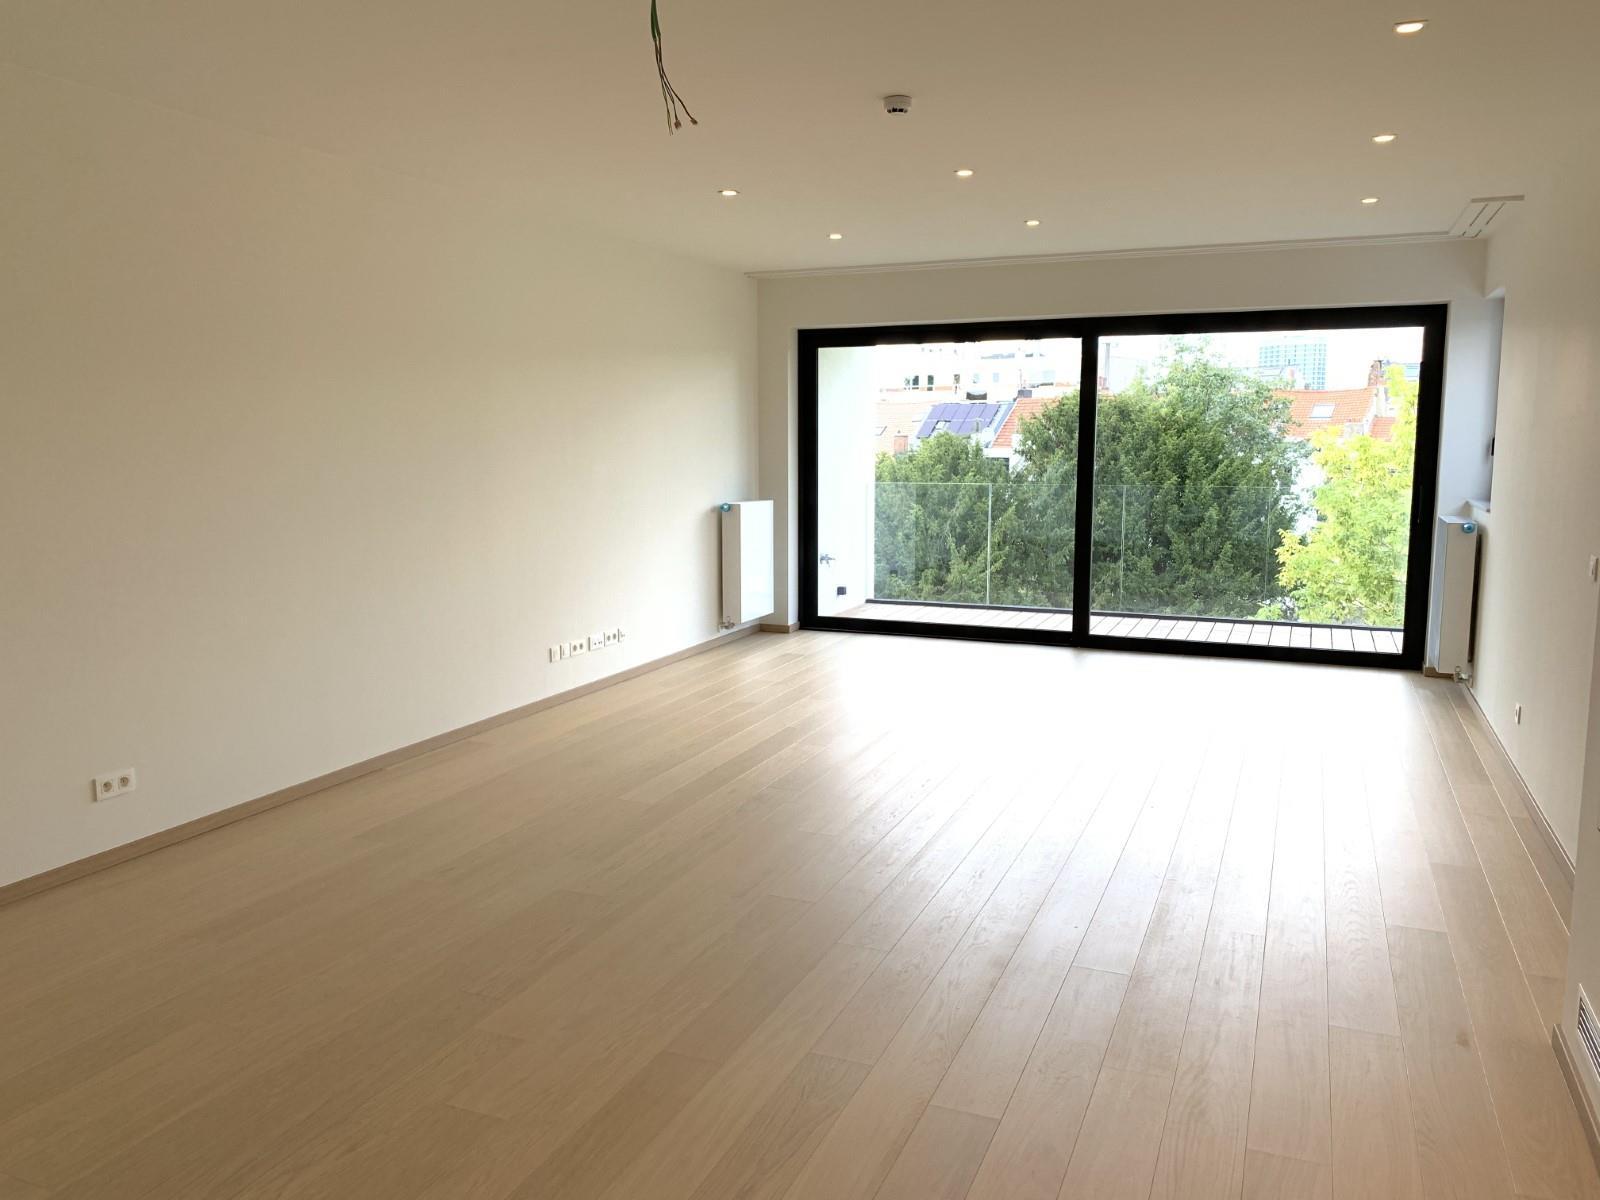 Appartement exceptionnel - Ixelles - #3929607-3